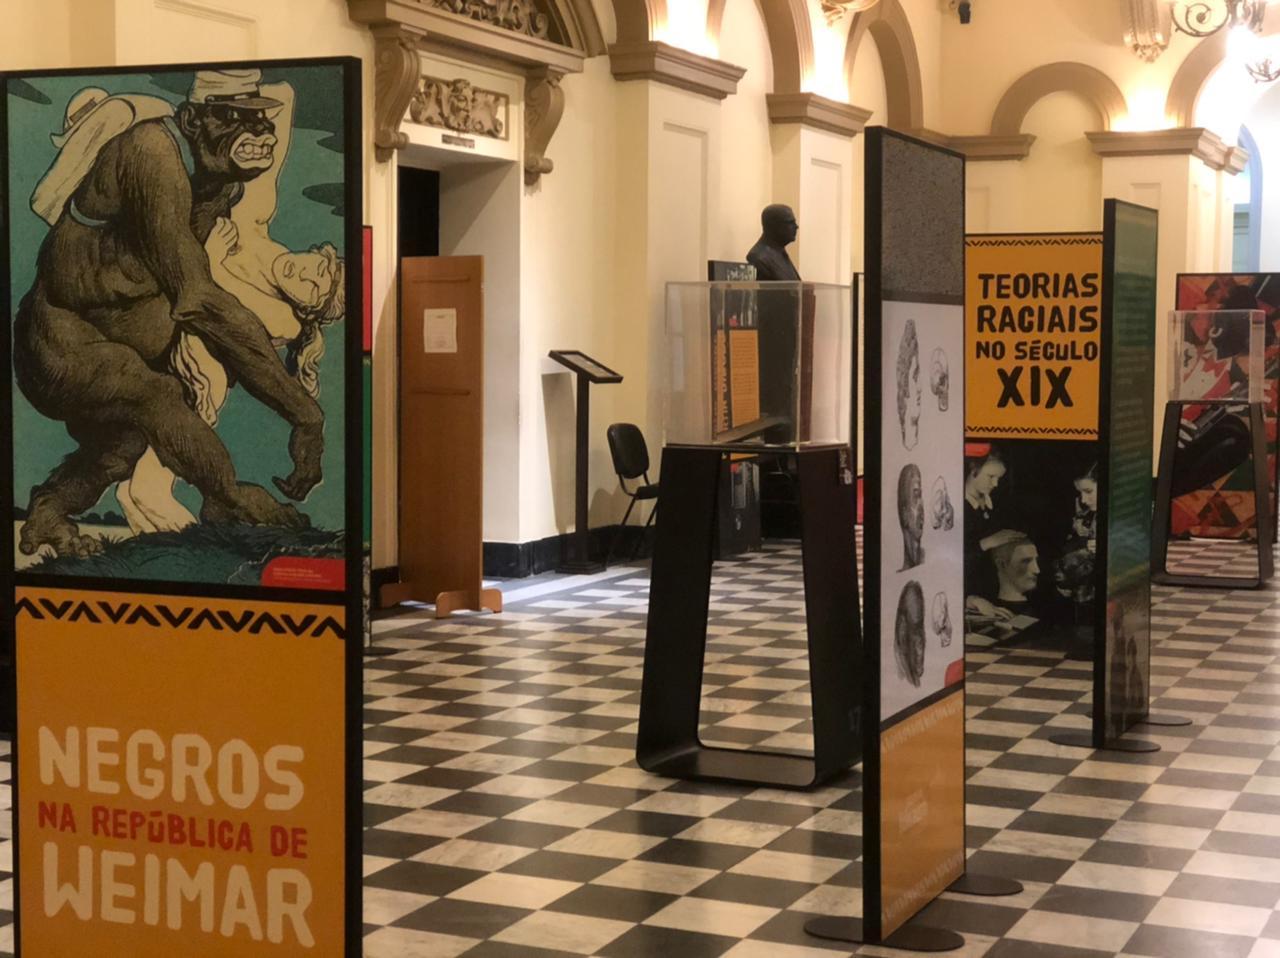 Museu da Justiça no RJ exibe exposição sobre Holocausto